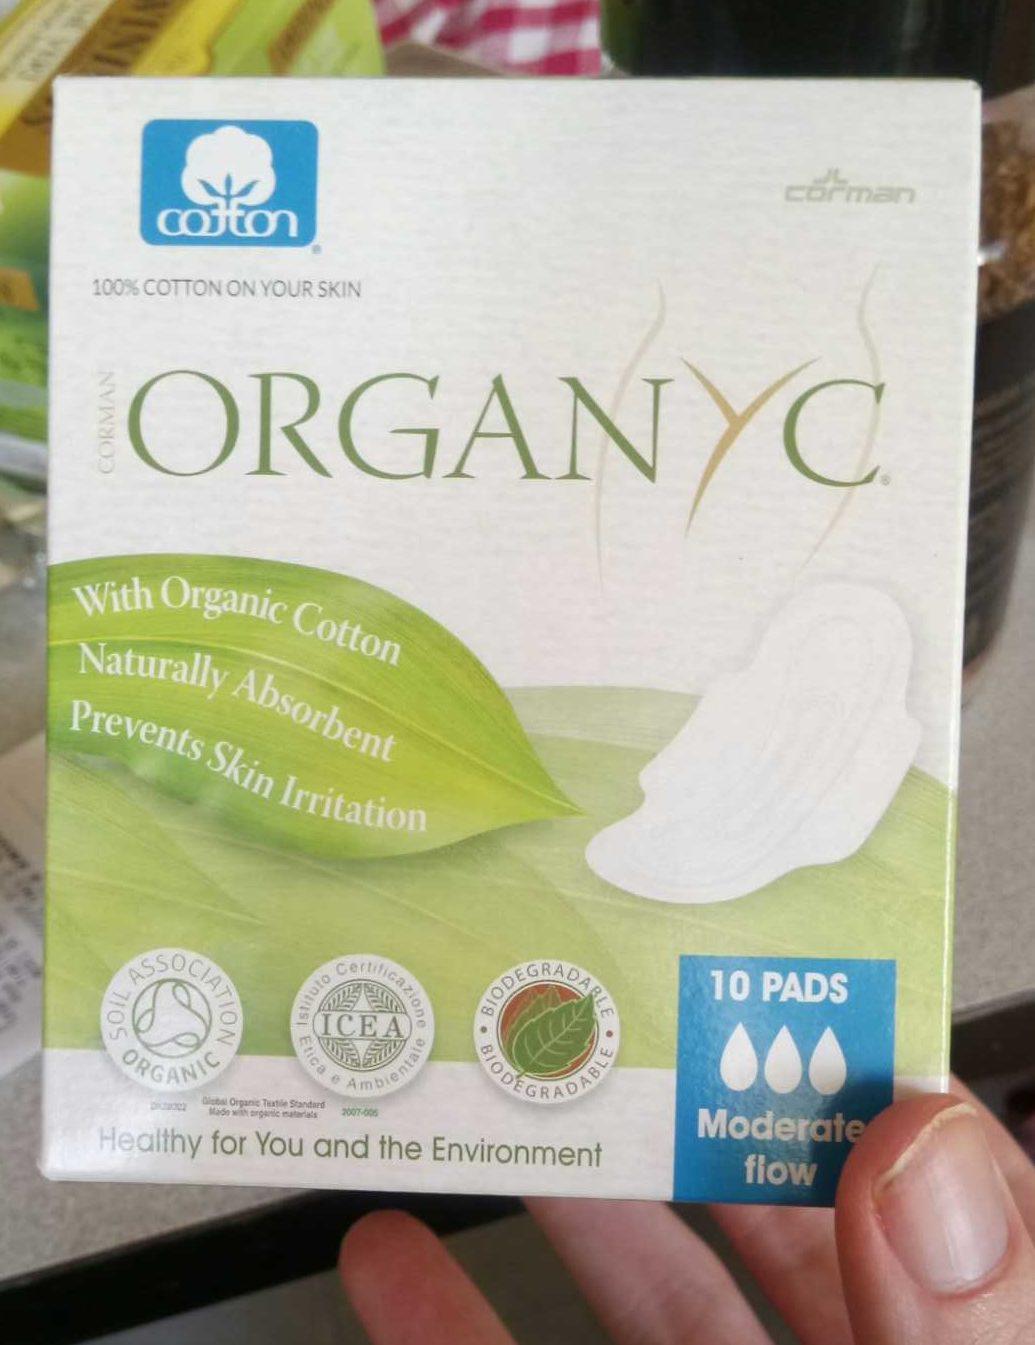 Serviettes hygiéniques - Product - fr